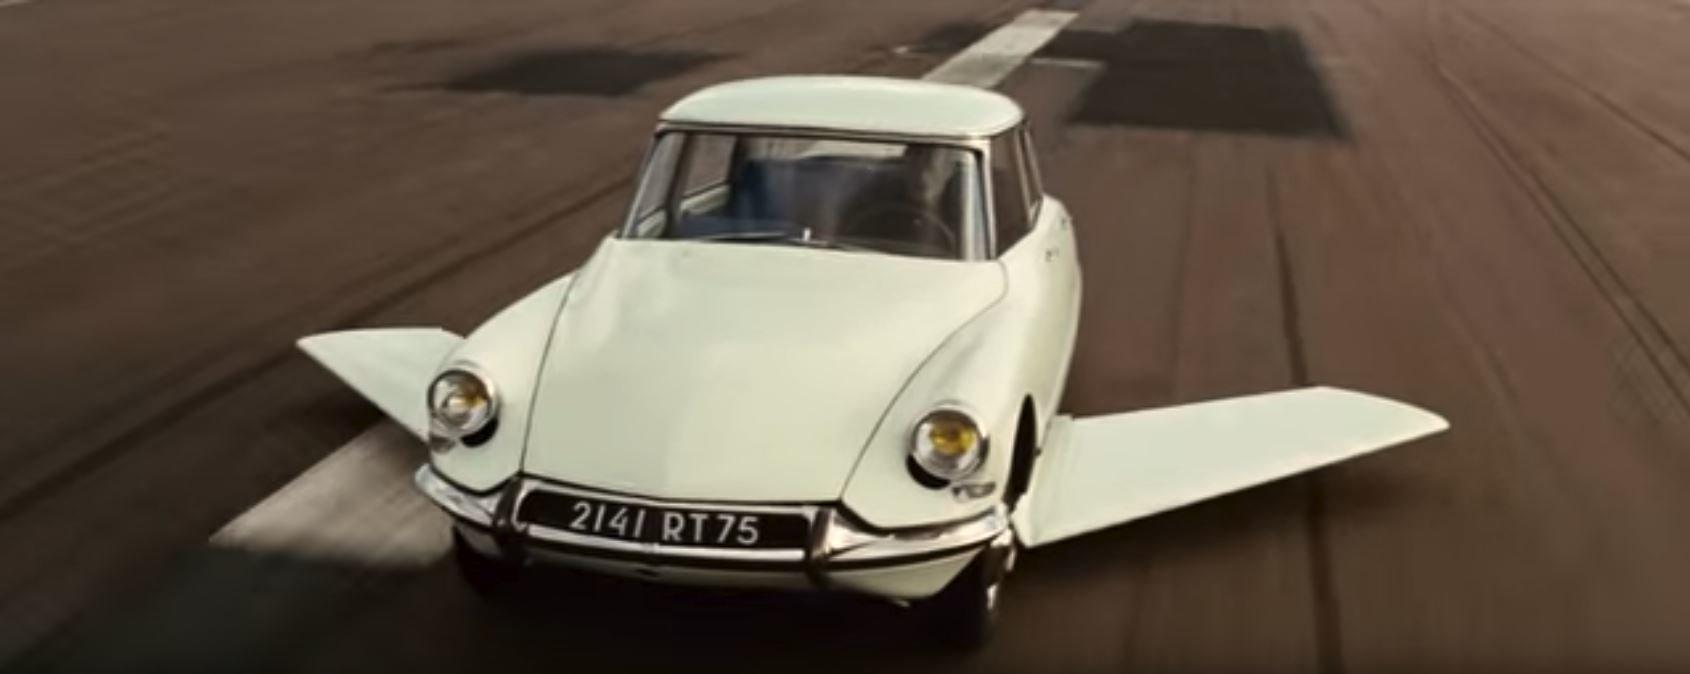 Fantomasův legendární Citroën DS 19